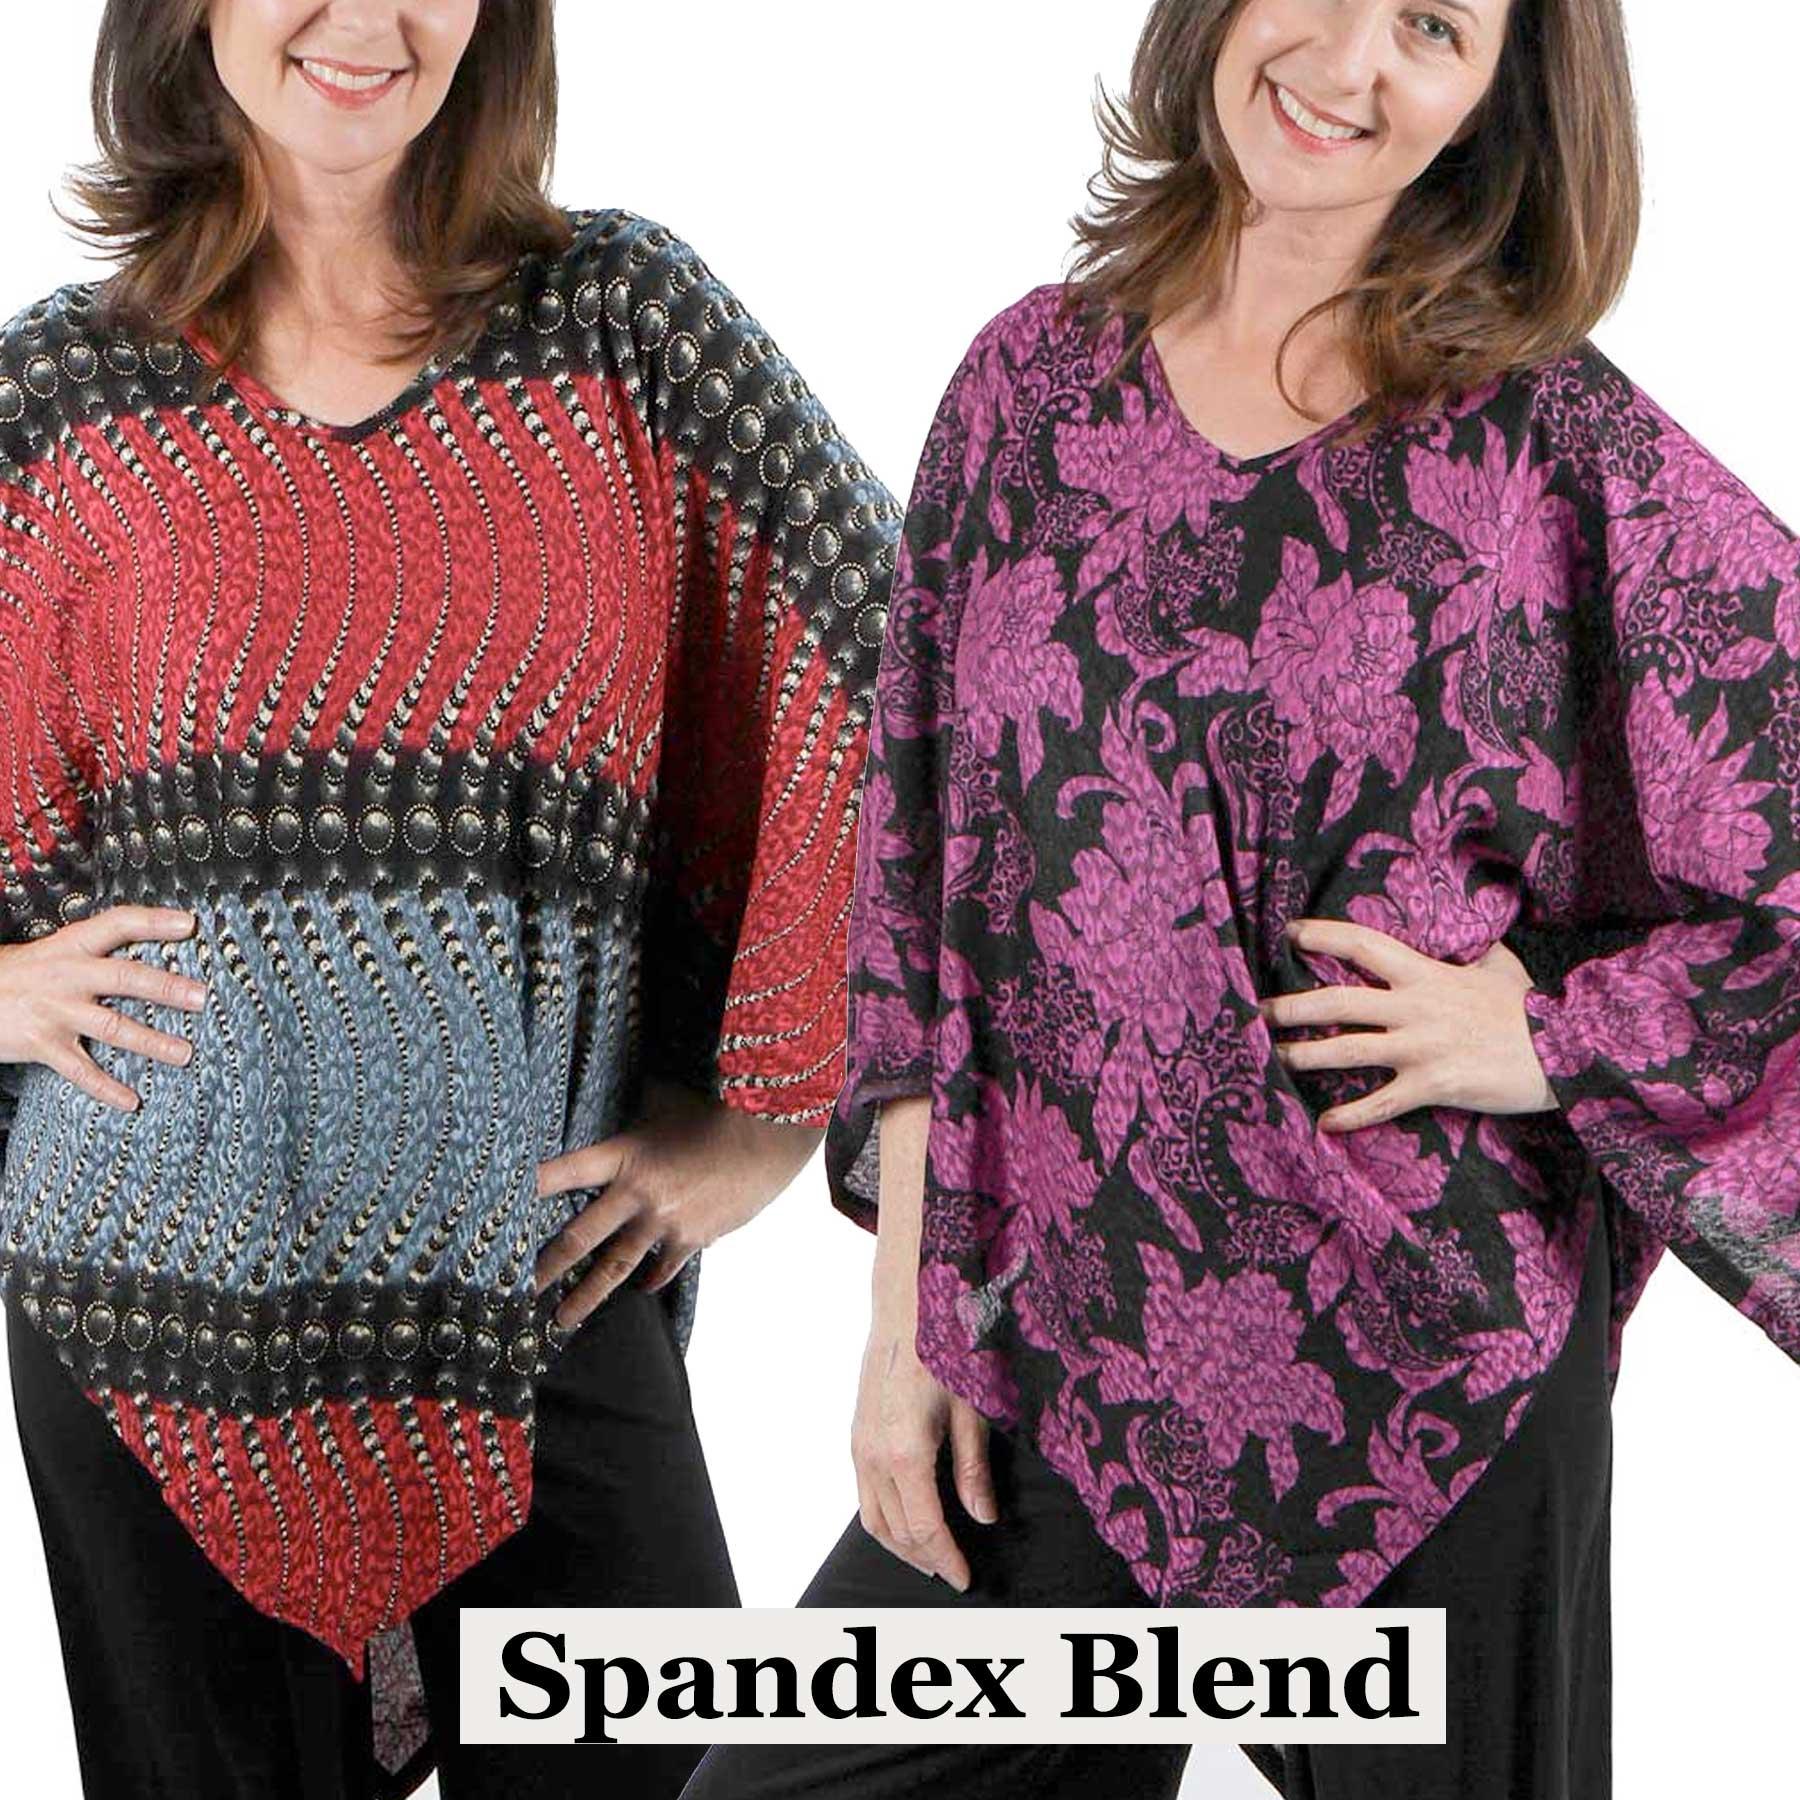 Slinky Spandex Weave Poncho*